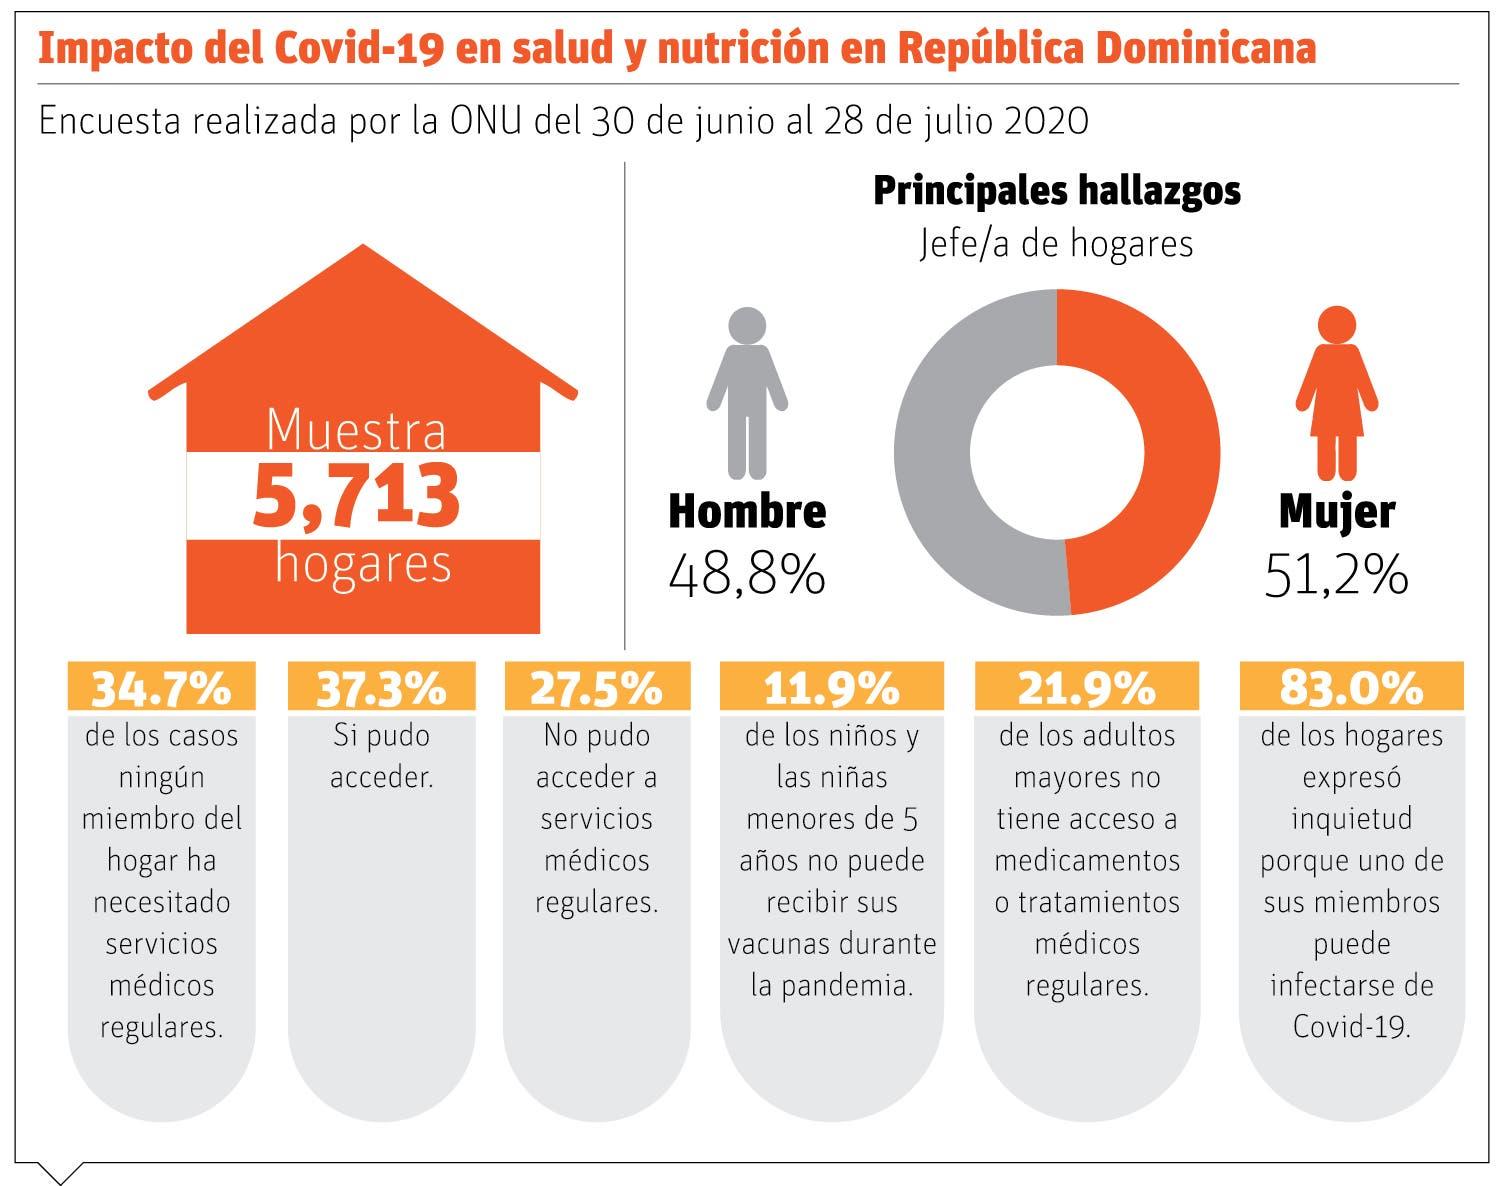 Depresión y ansiedad afectan a 15% hogares dominicanos cuarentena